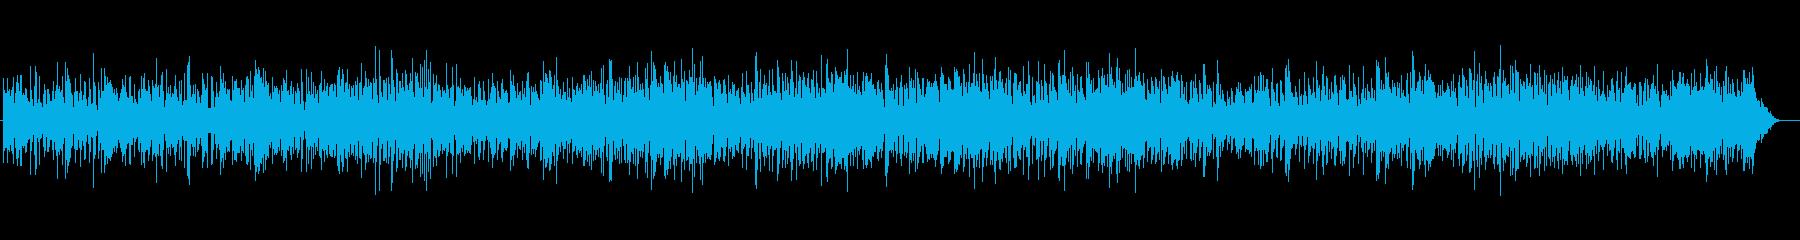 超速いスムースジャズの再生済みの波形